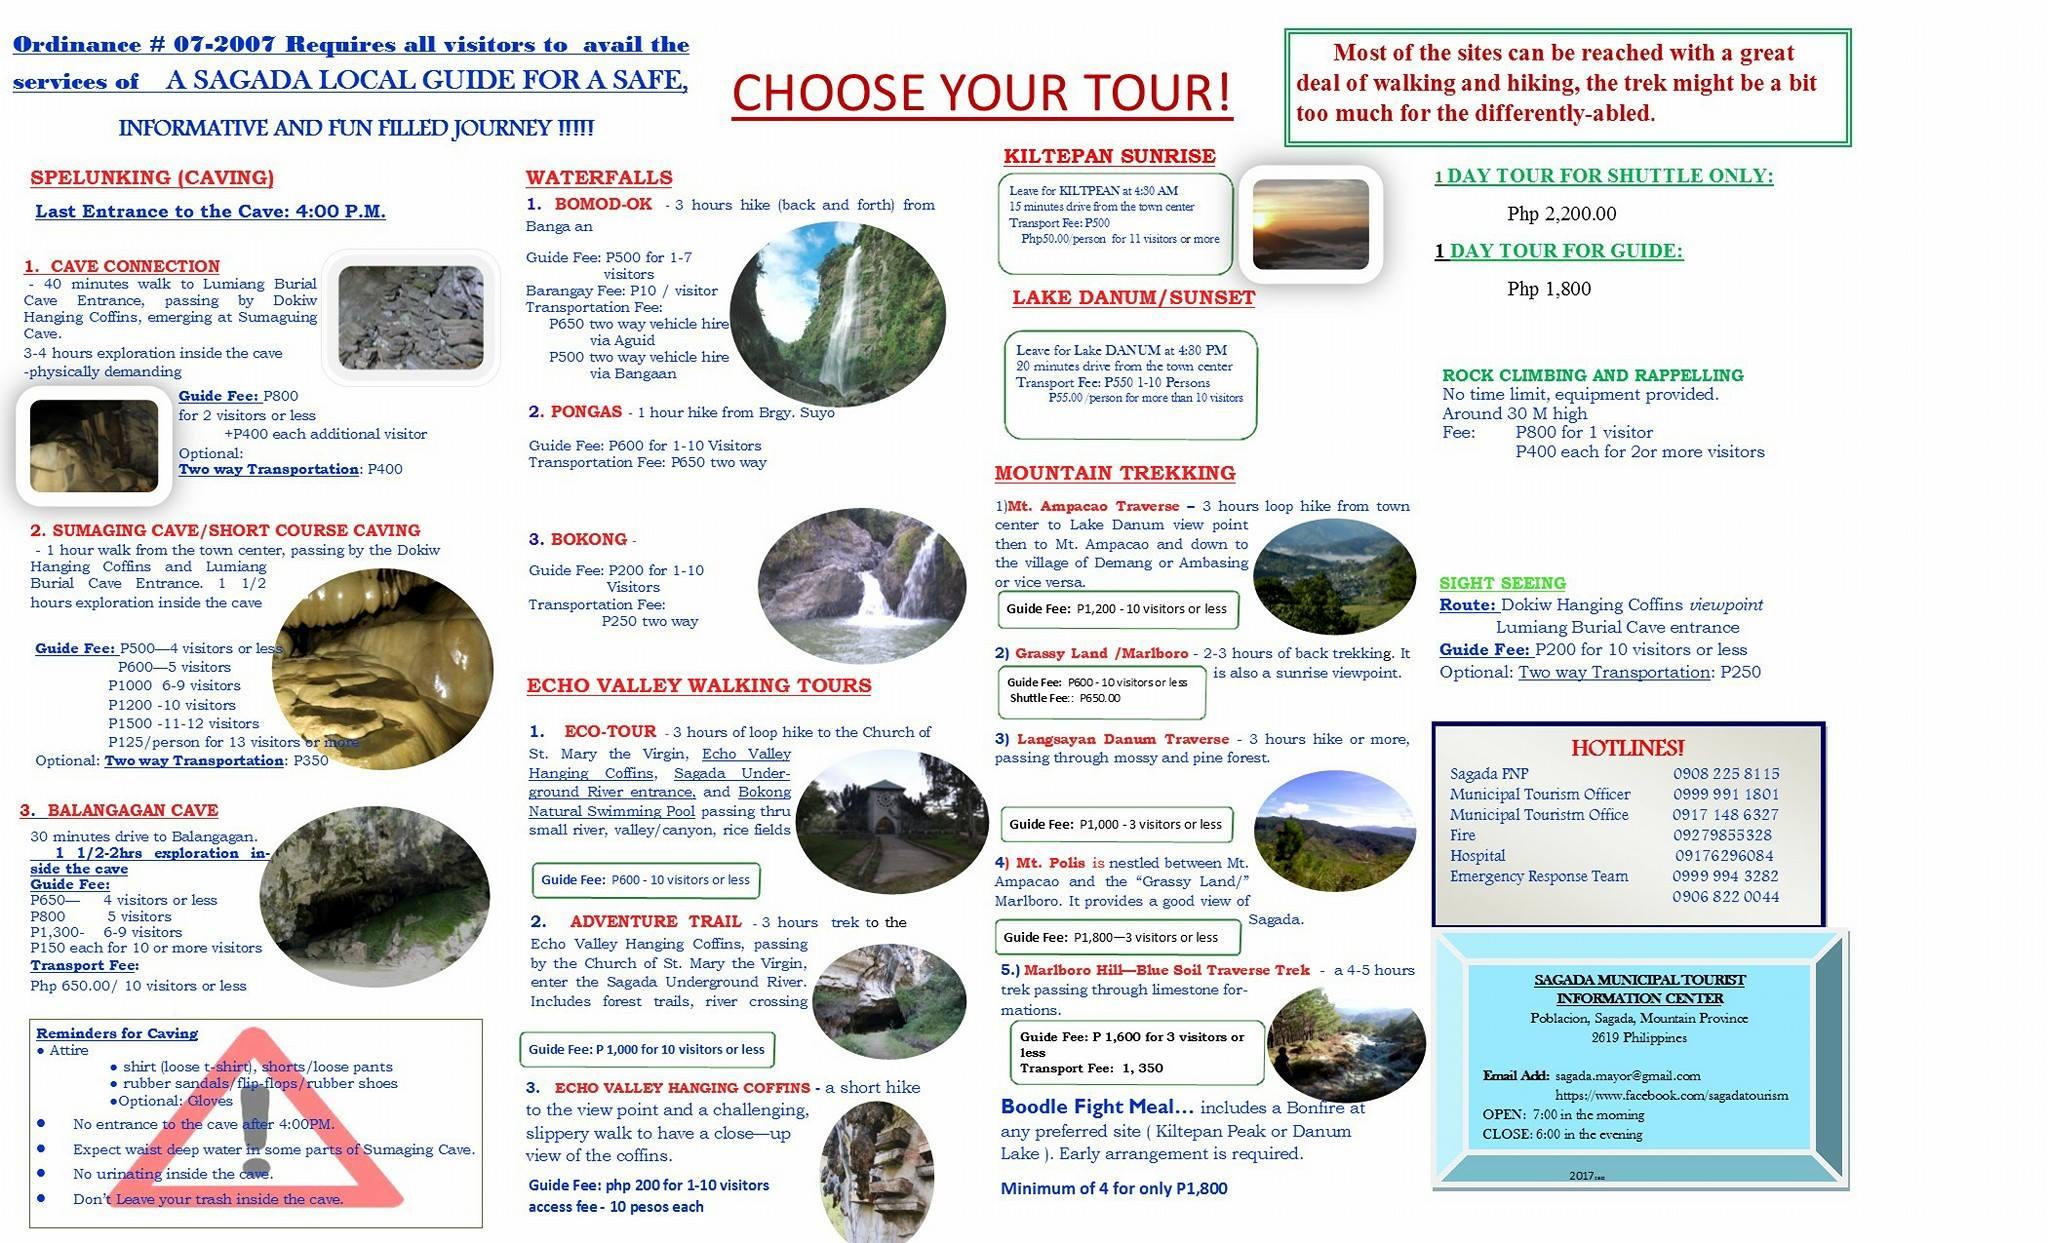 sagada standard tour rates